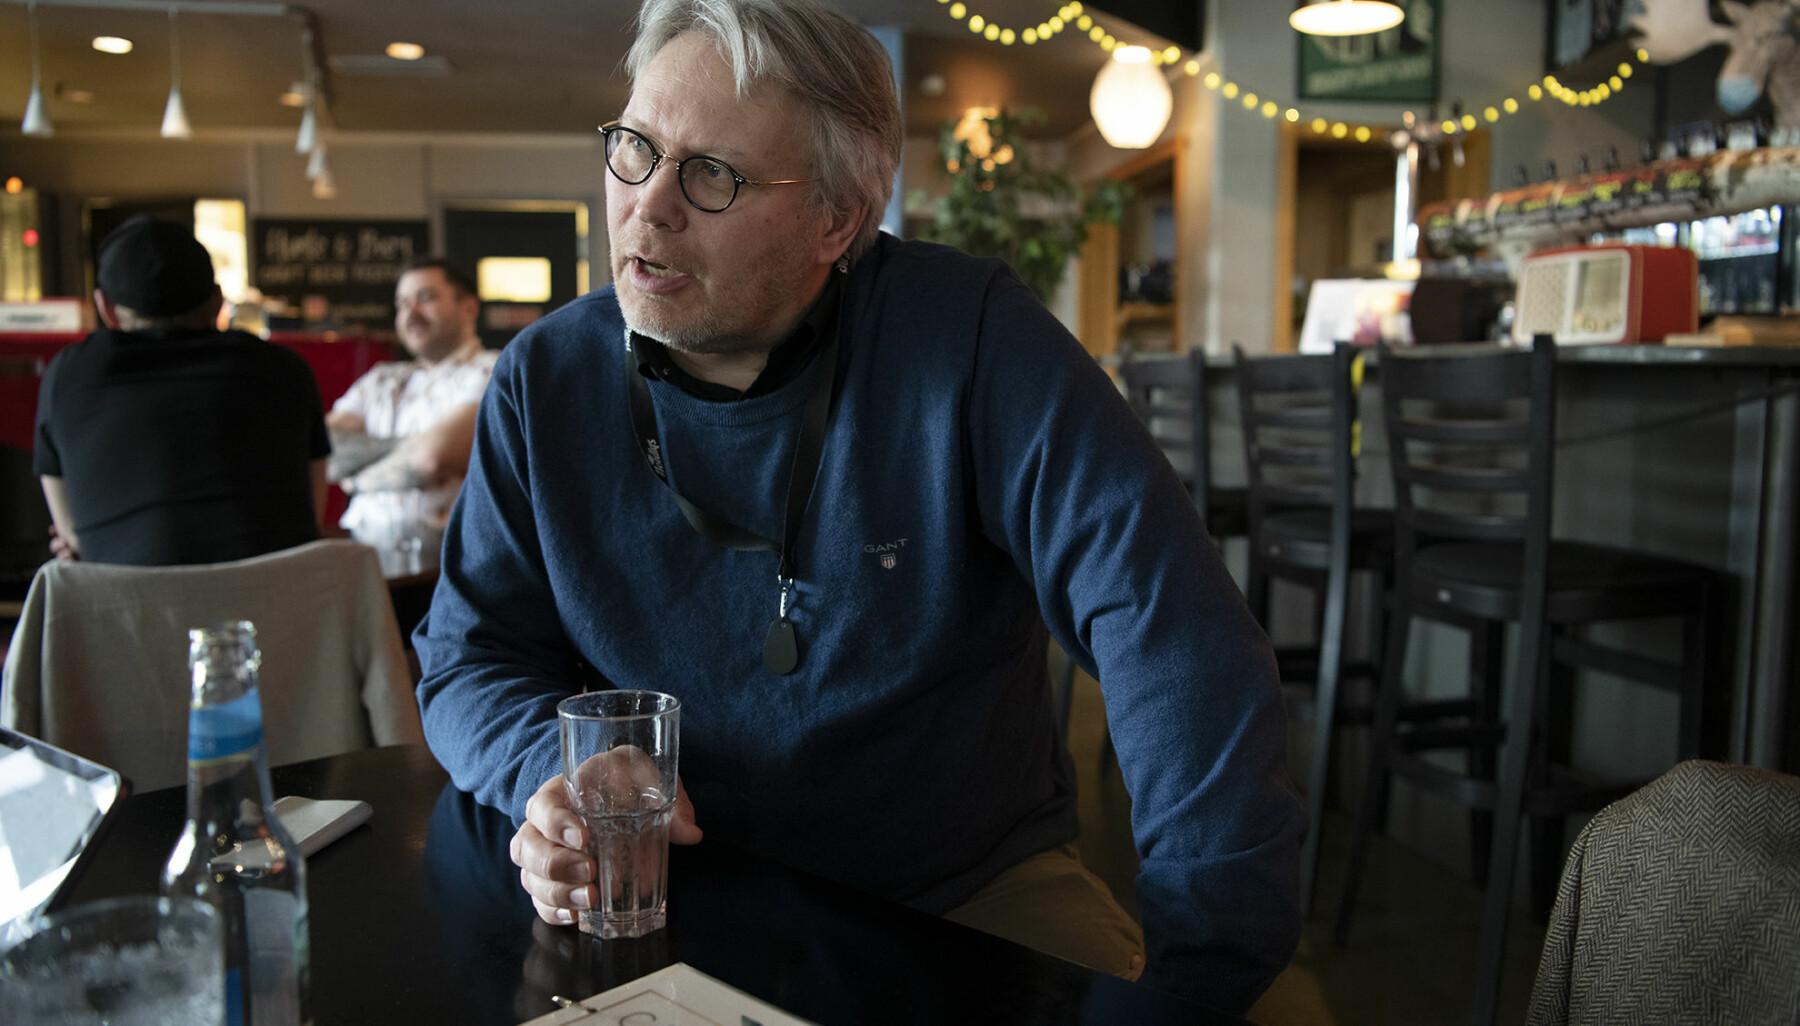 — Dag Rune Olsen kommer til å bli tatt veldig godt imot i Tromsø. Så får han heller bli holdt i ørene når det gjelder regnskap, økonomi og denslags, humrer Skjalg Fjellheim, politisk redaktør i avisen Nordlys.